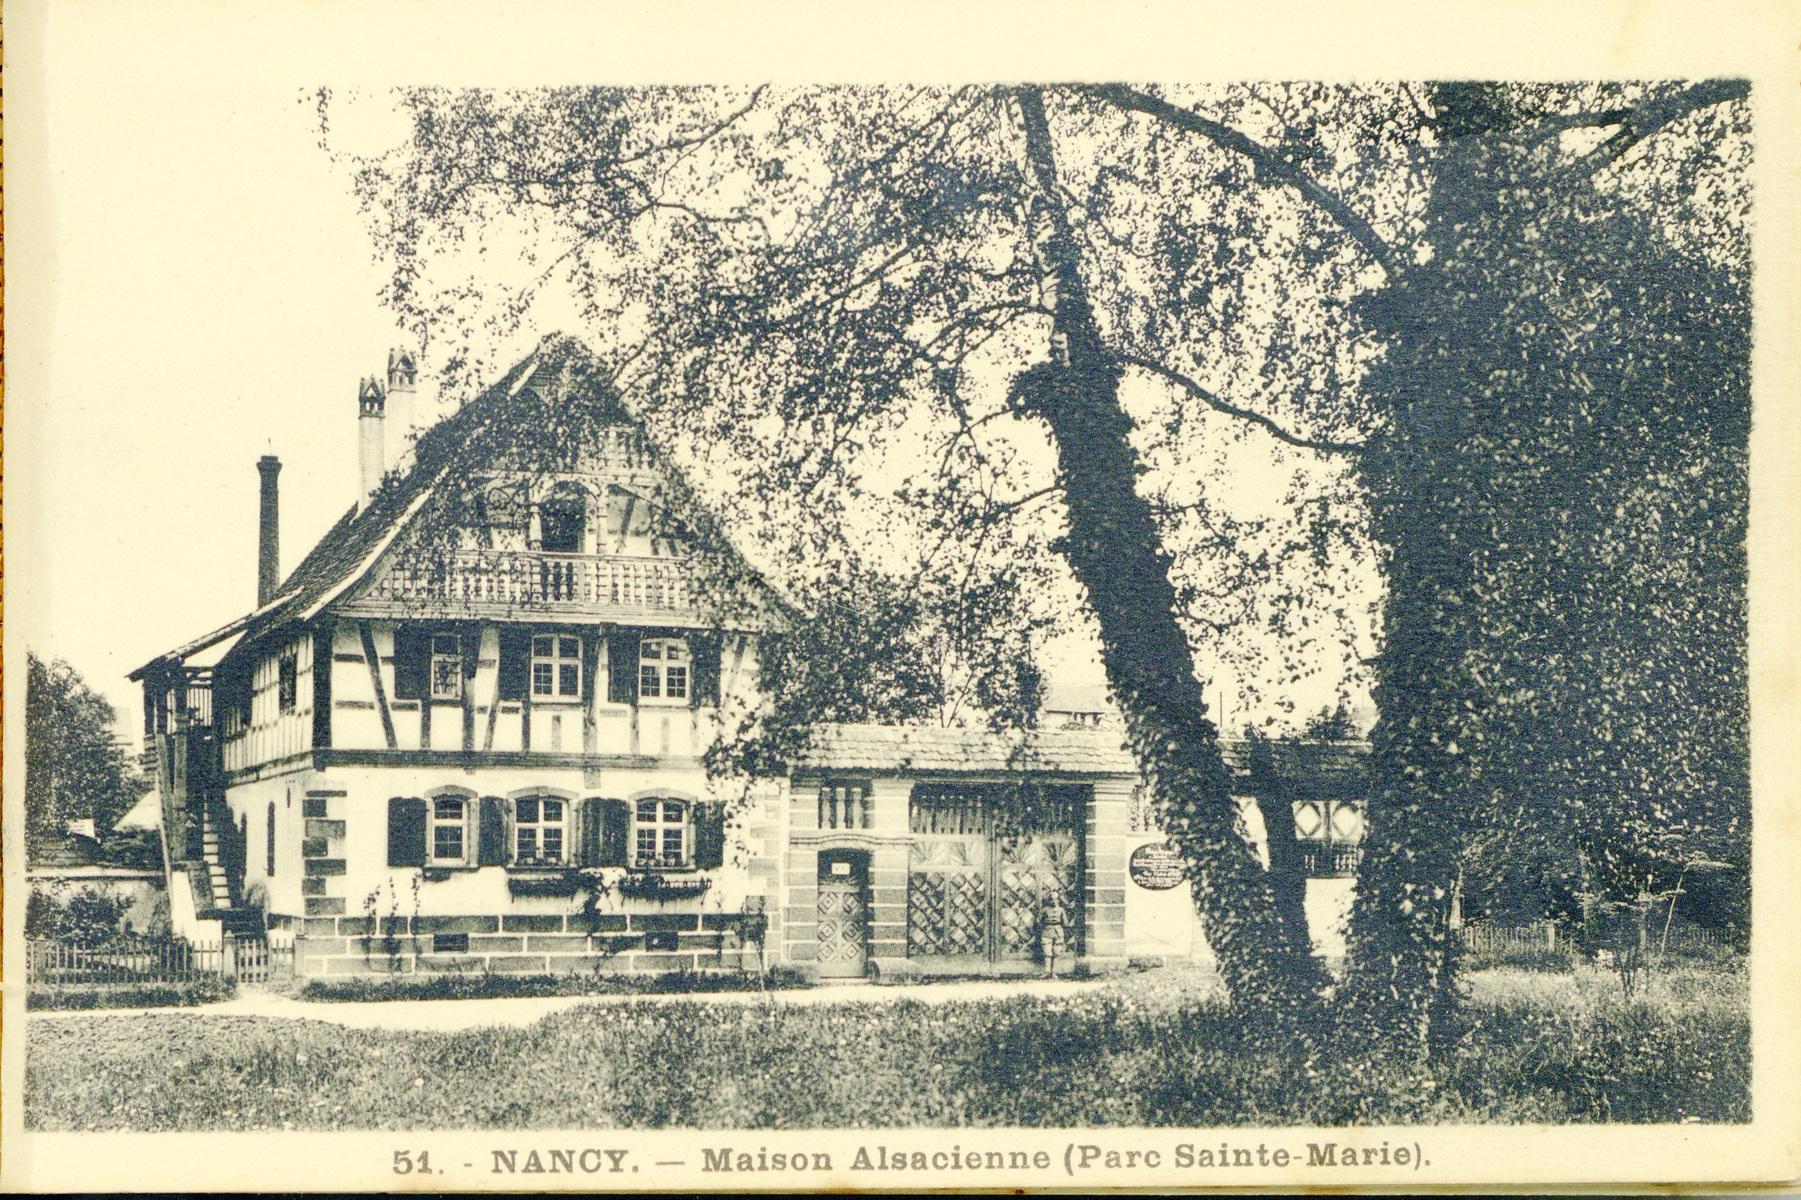 Contenu du La maison du parc Sainte Marie